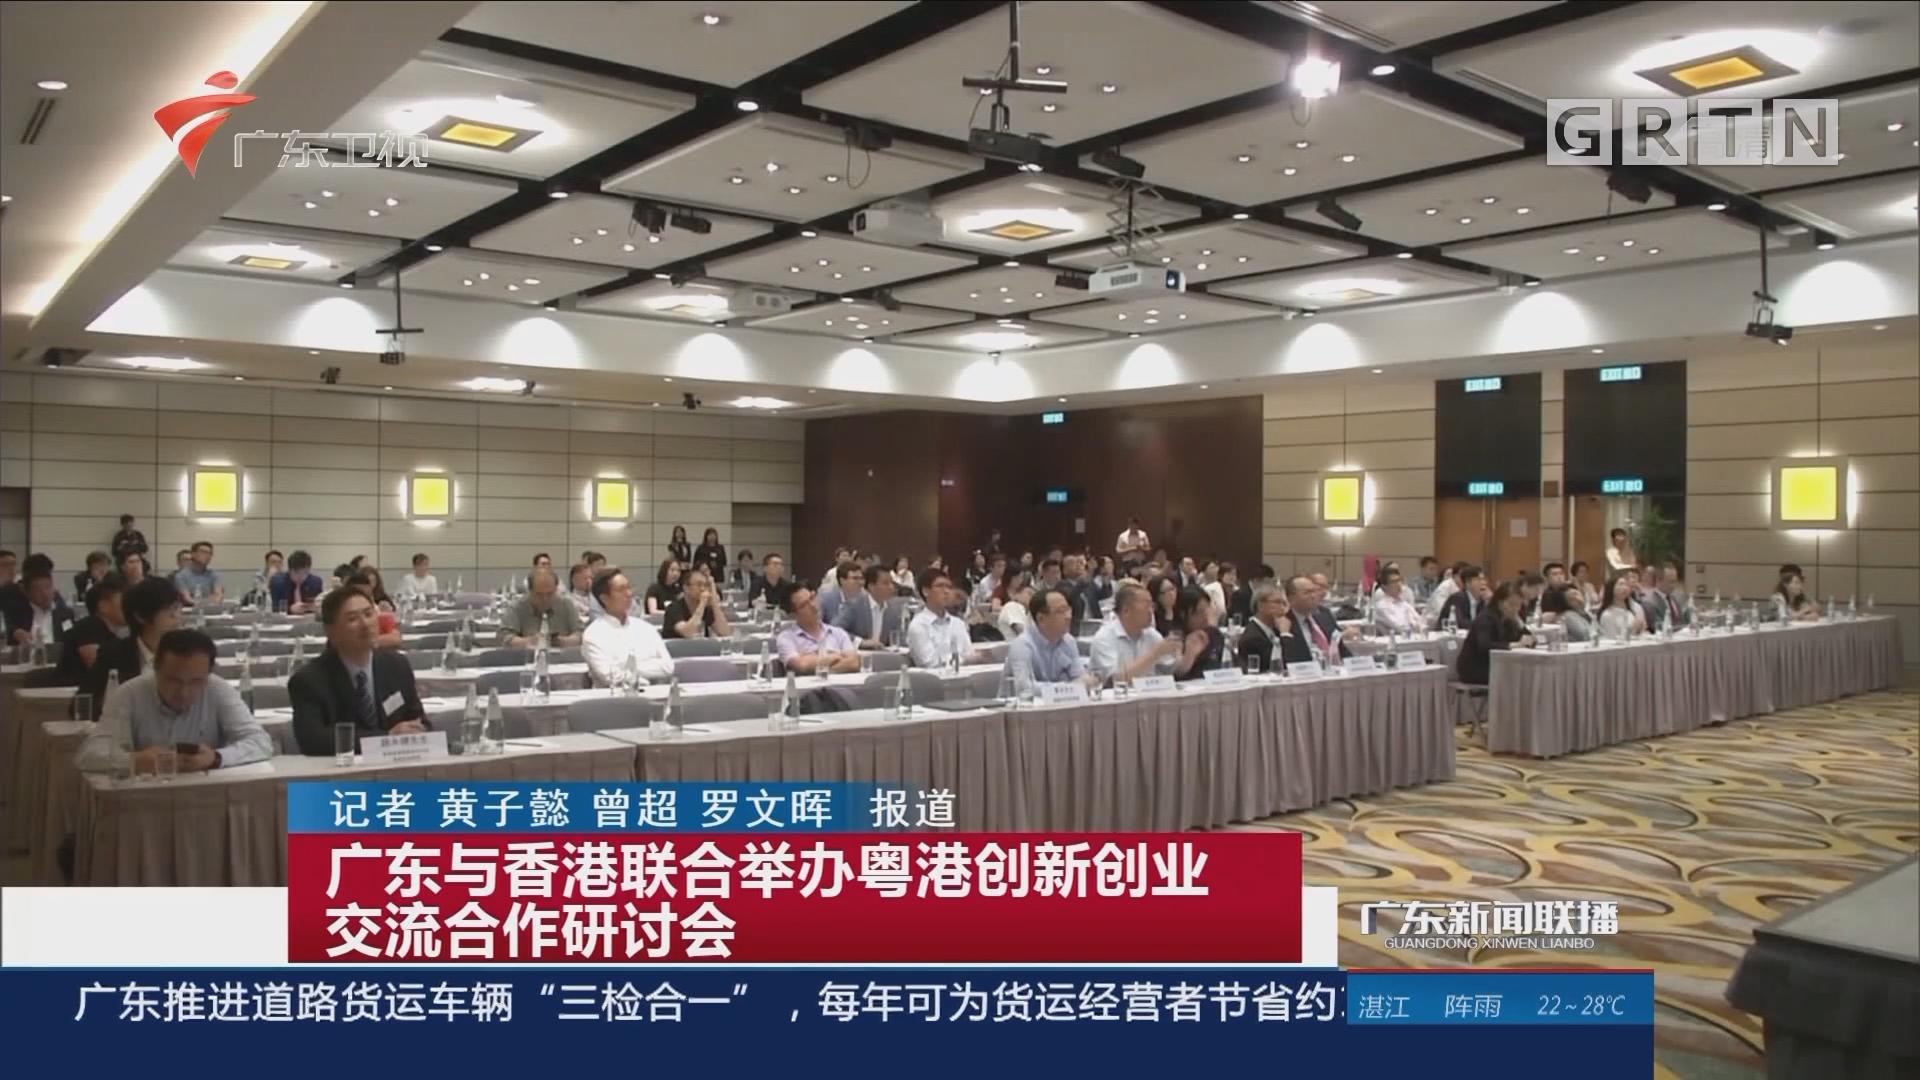 广东与香港联合举办粤港创新创业交流合作研讨会